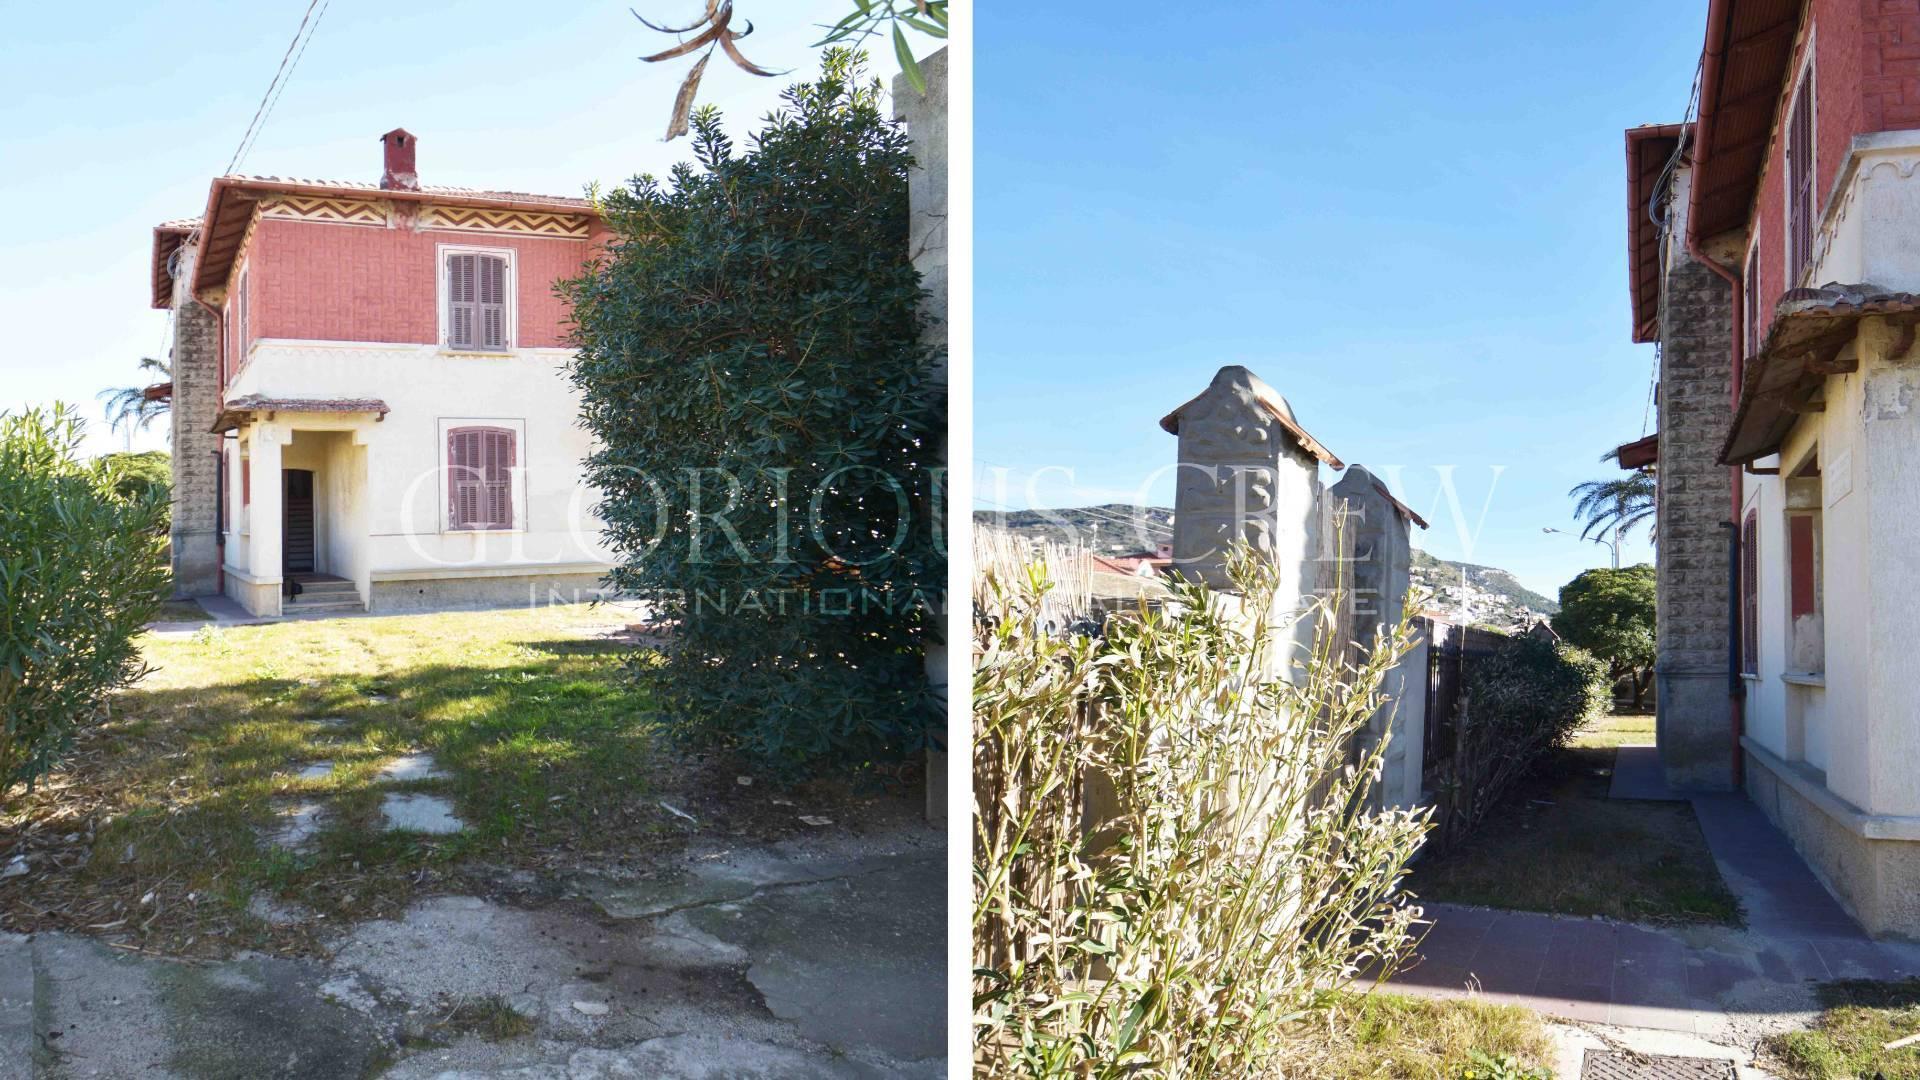 Villa in Vendita a Borgio Verezzi: 5 locali, 240 mq - Foto 3